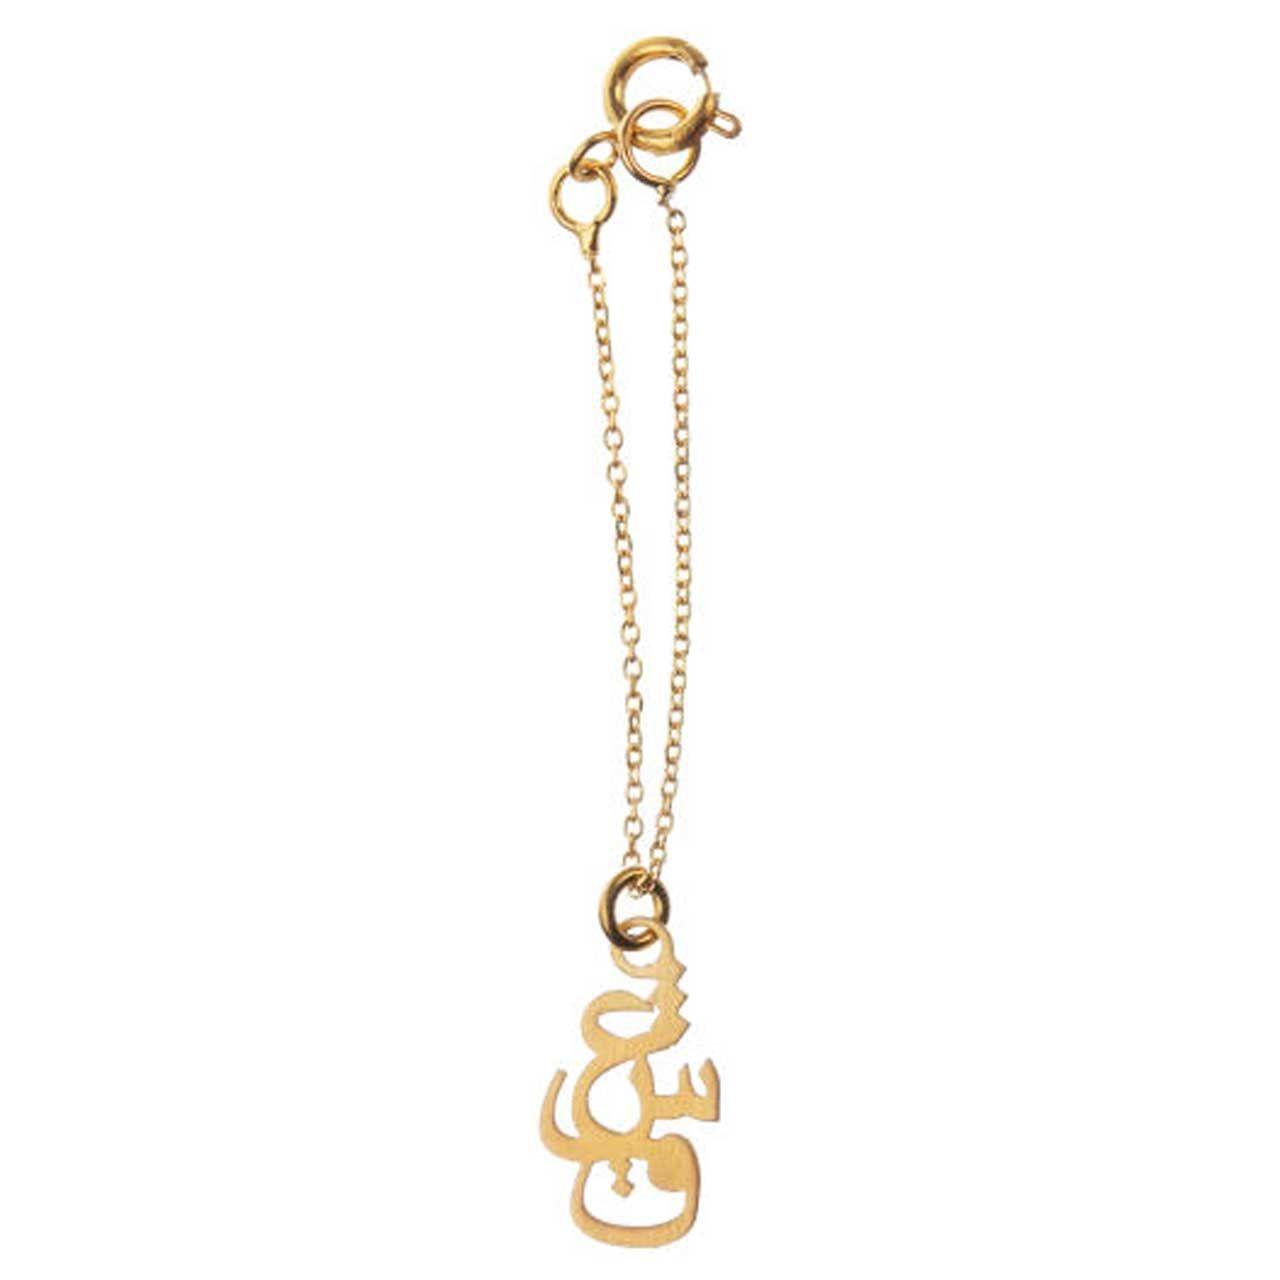 آویز ساعت طلا 18 عیار زنانه کانیار گالری کد AS29 -  - 2